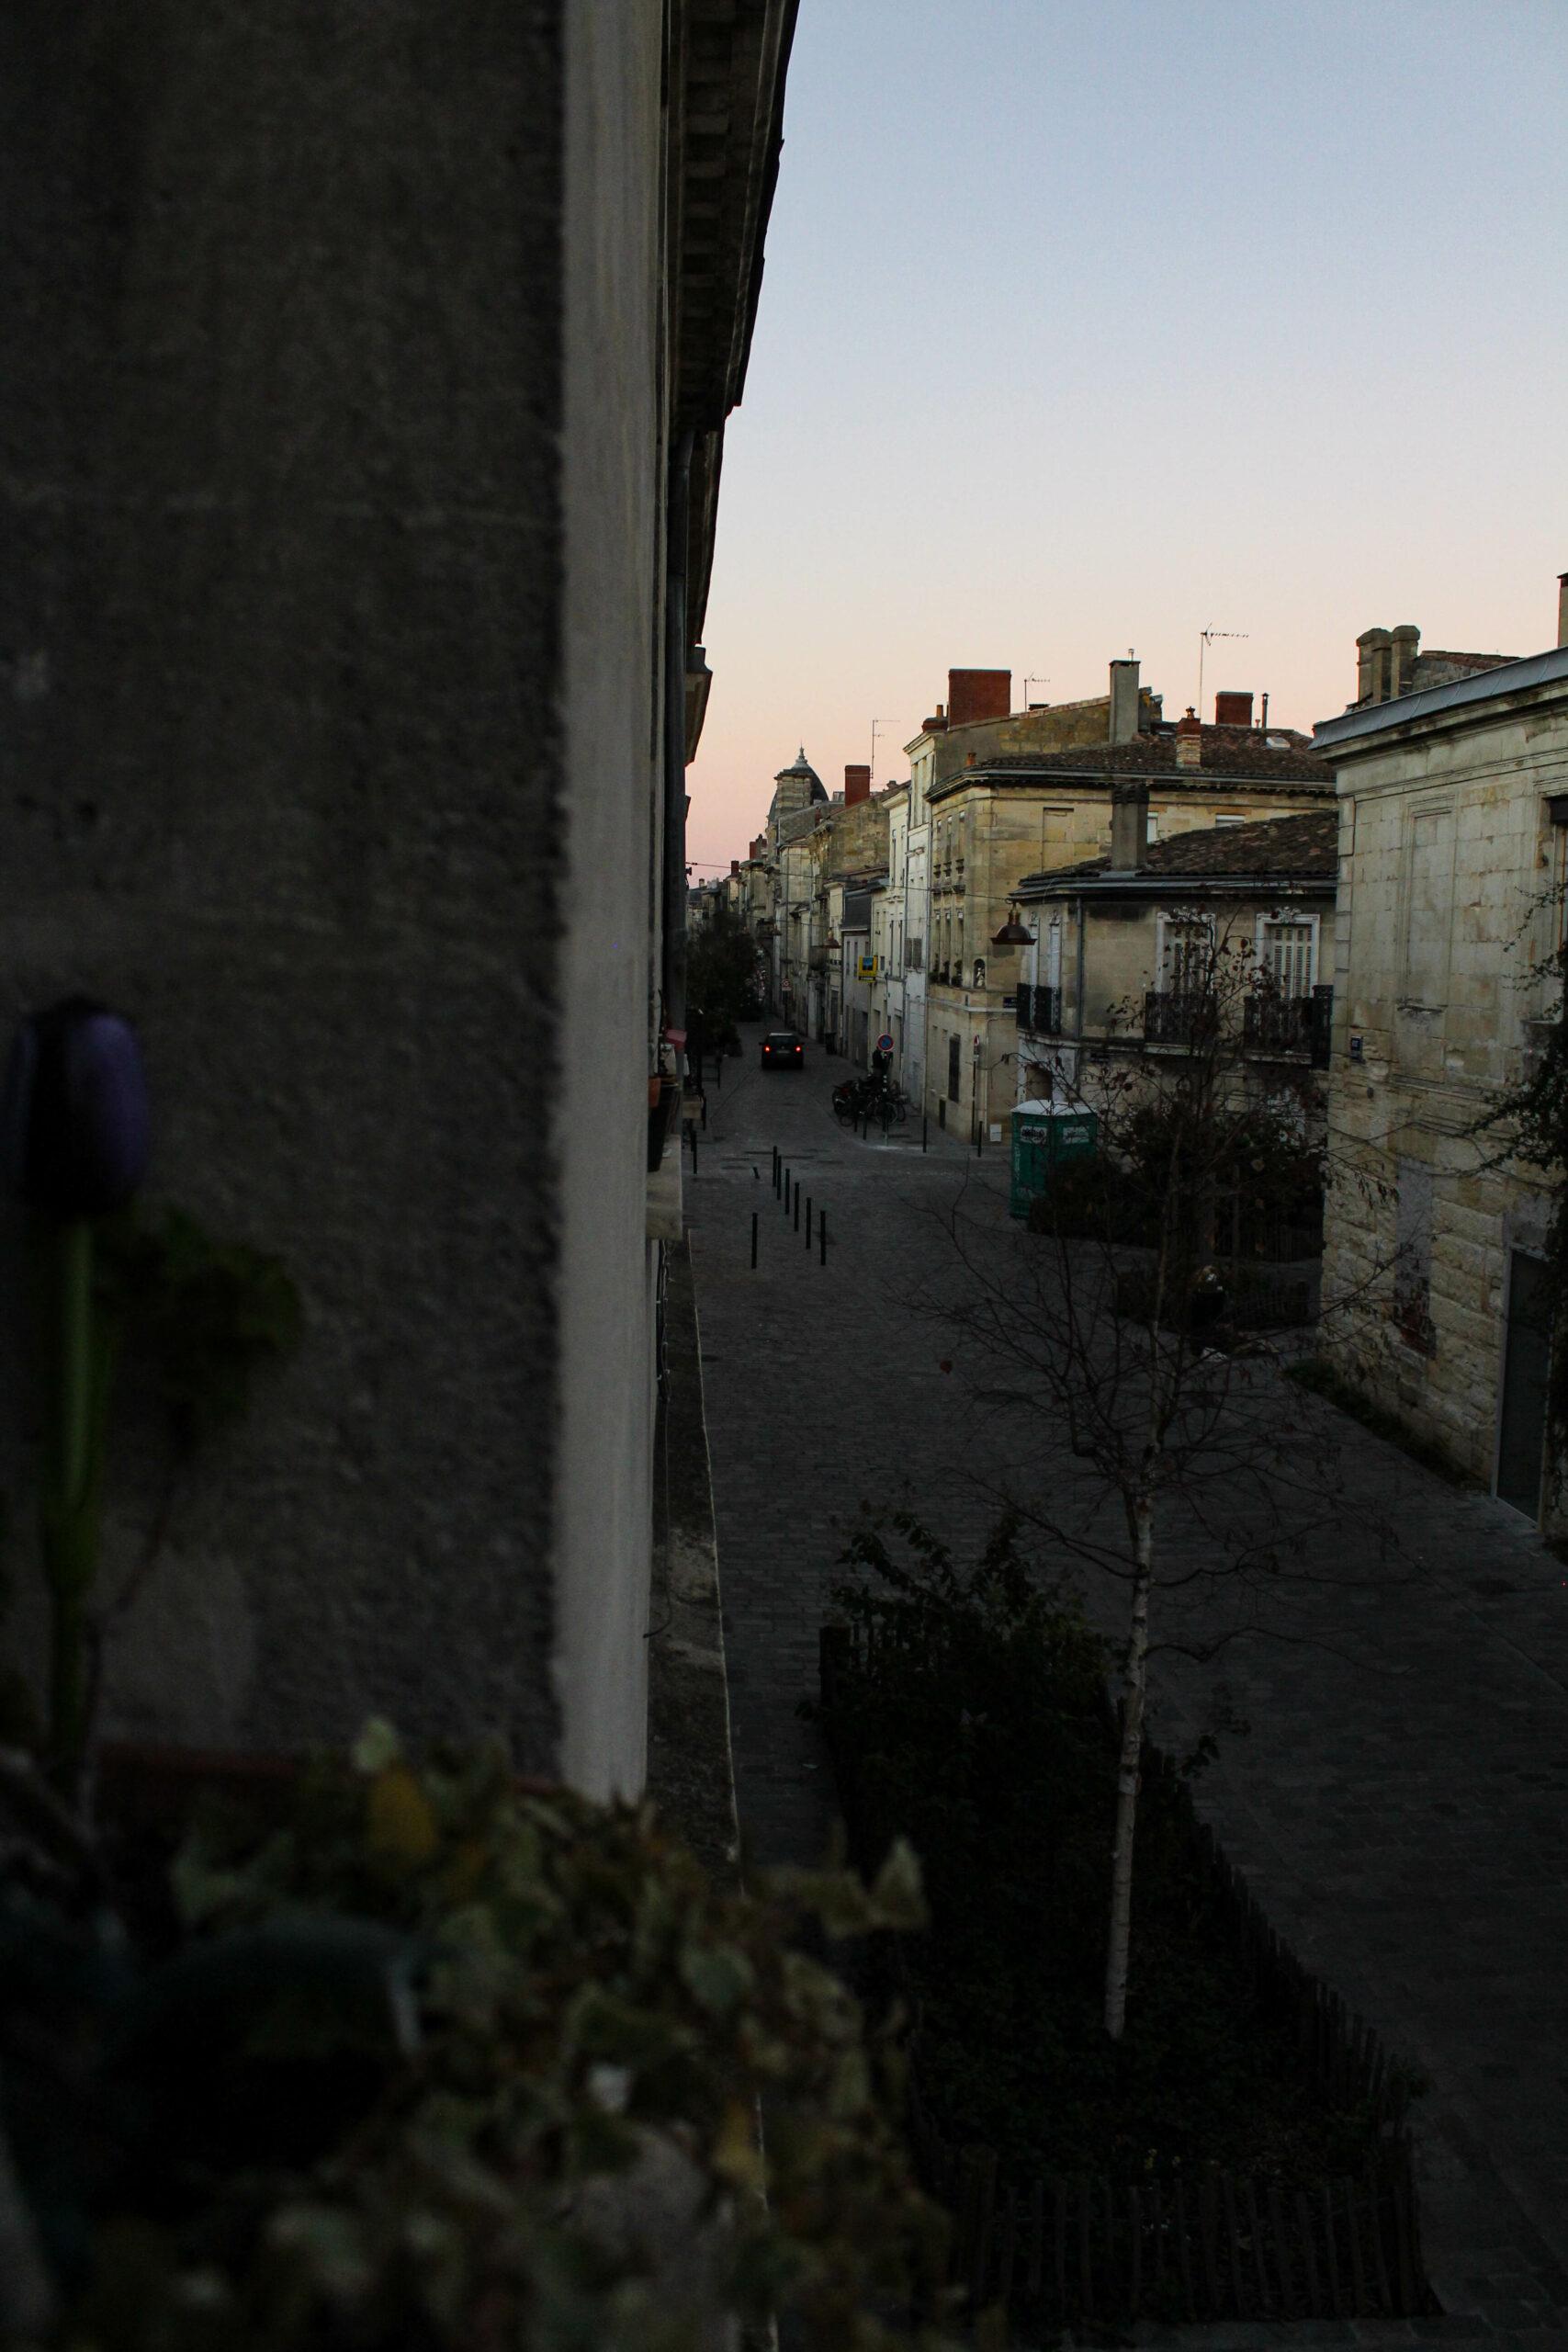 Vue de la rue Kléber (Bordeaux) par la fenêtre.